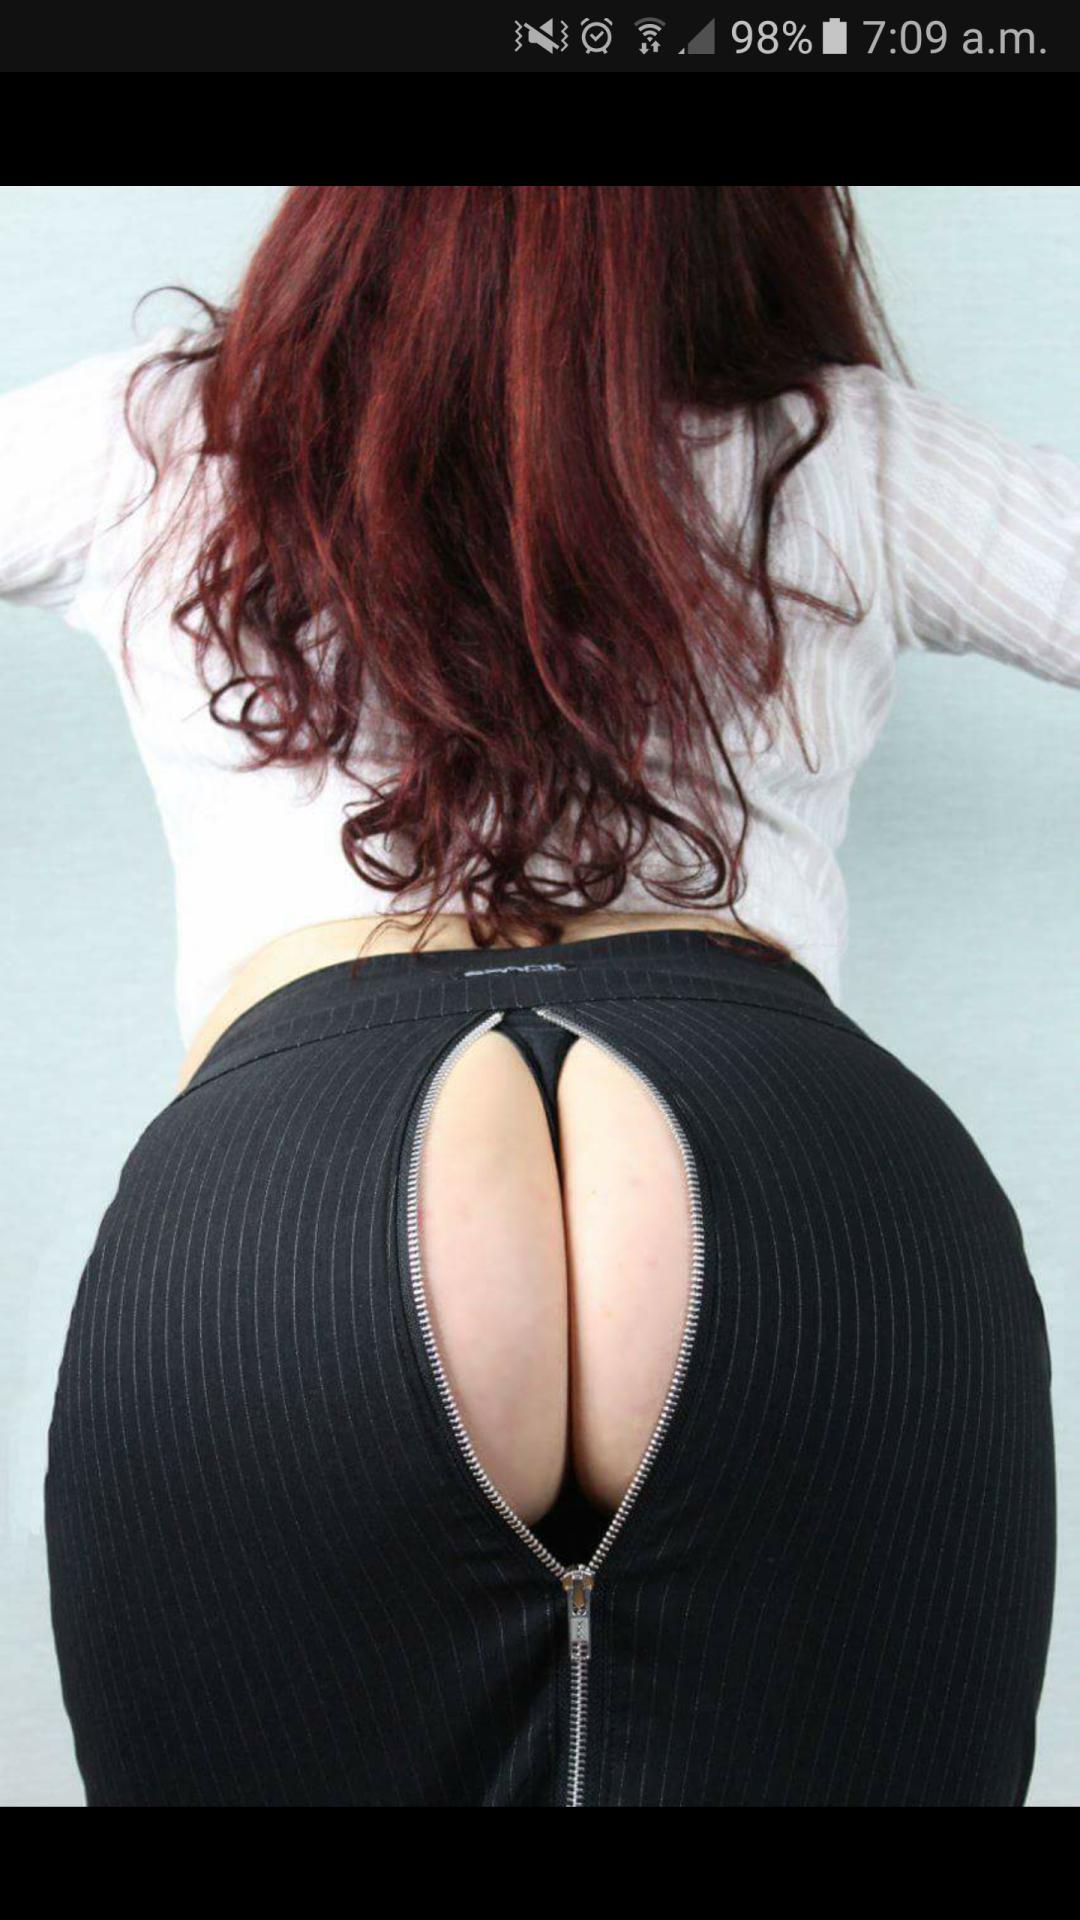 Caught Masturbating With Panties